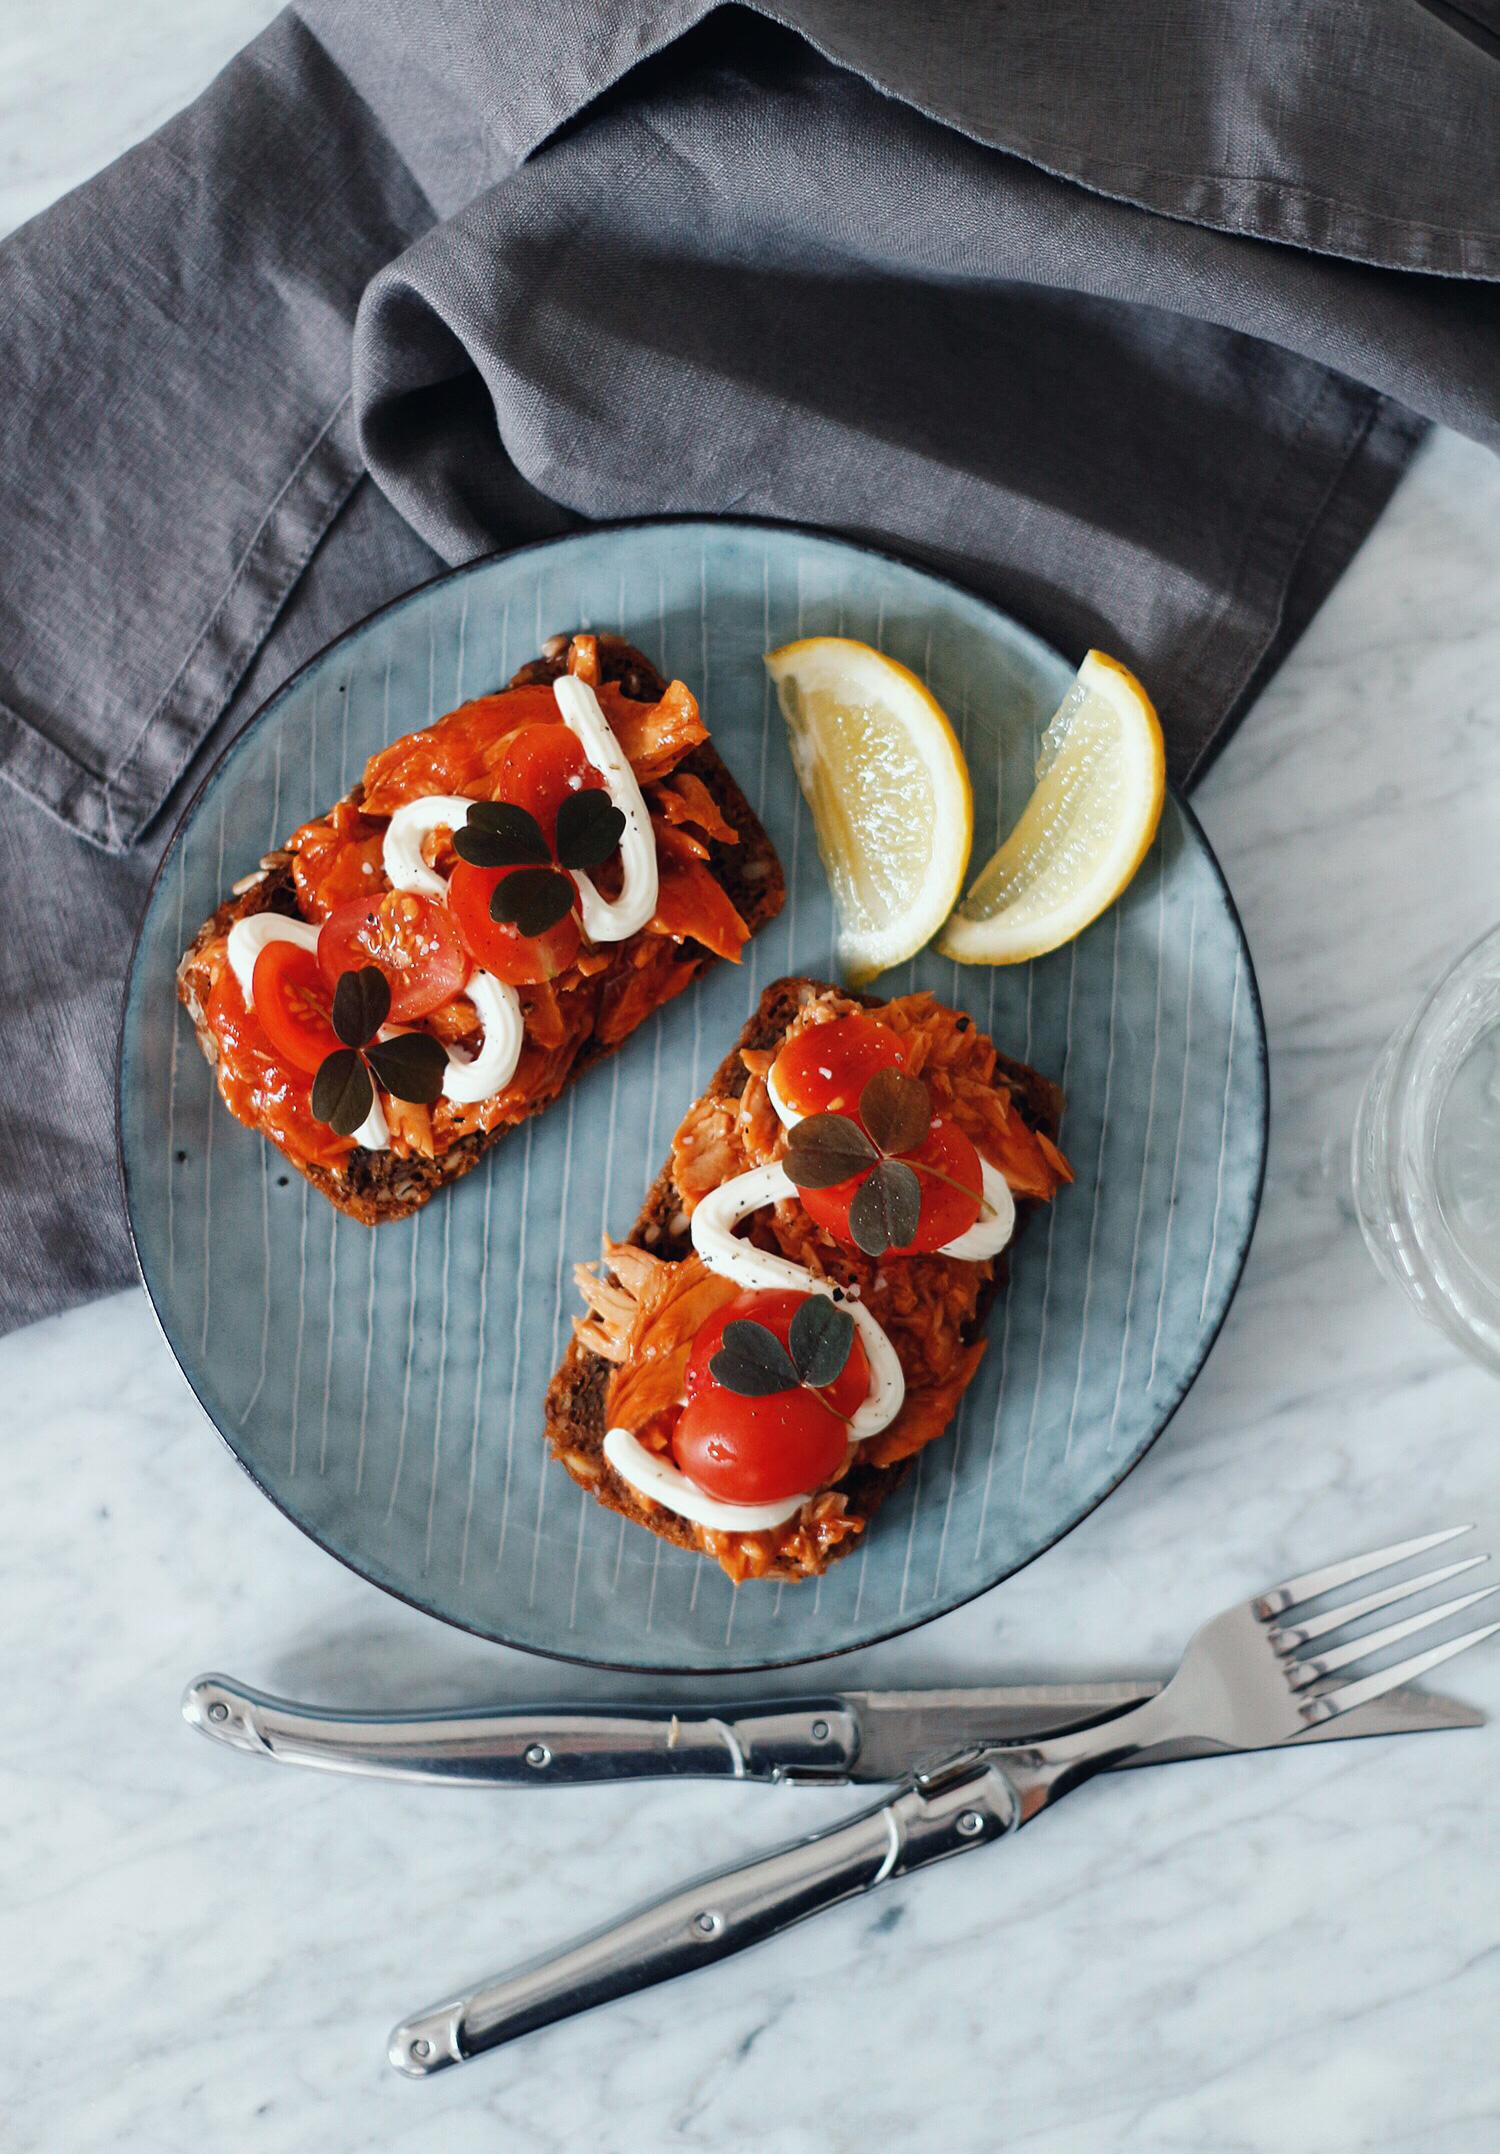 tun-i-tomat